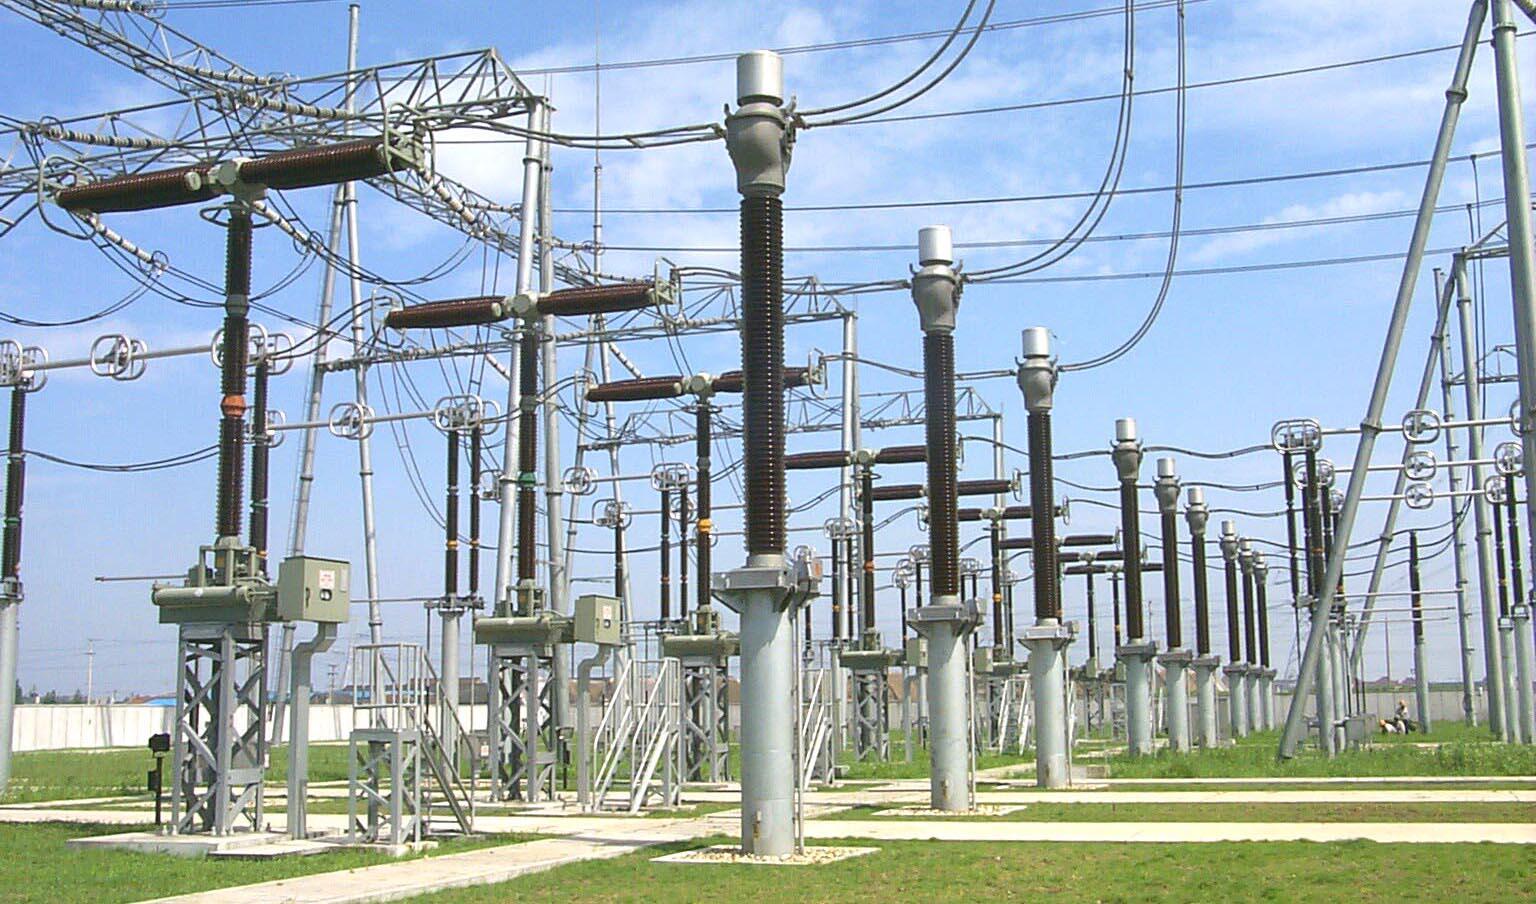 افزایش سهم نیروگاههای تجدیدپذیر از درآمد عوارض برق به ۷۰ درصد